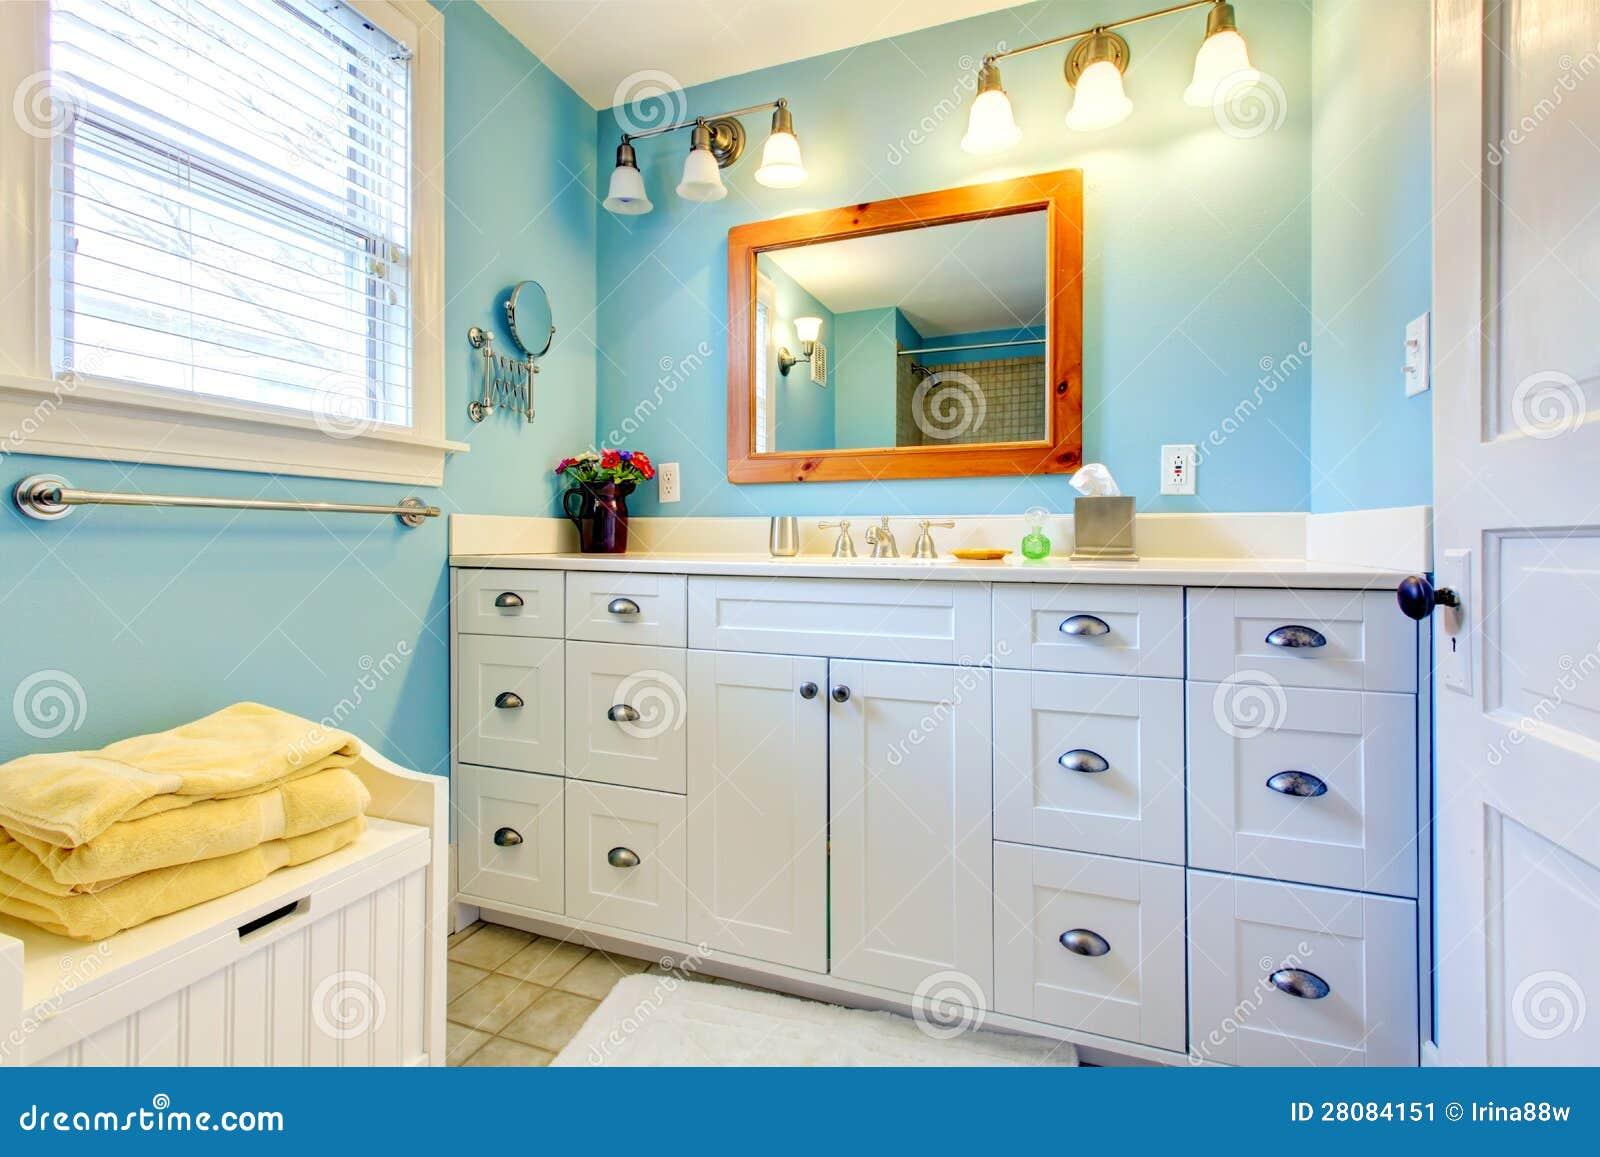 Baño Blanco Con Azul:White and Blue Bathroom